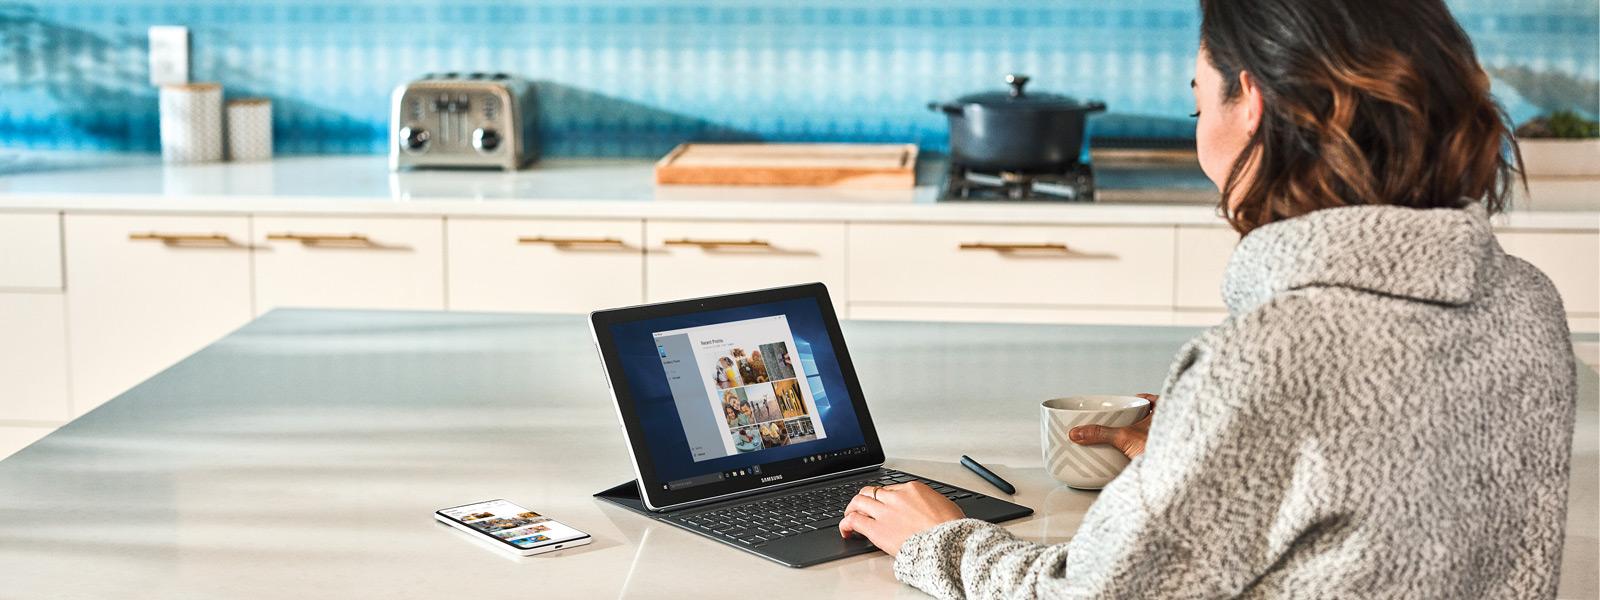 Kvinna sitter vid köksbordet och använder en bärbar Windows 10-dator med sin mobiltelefon